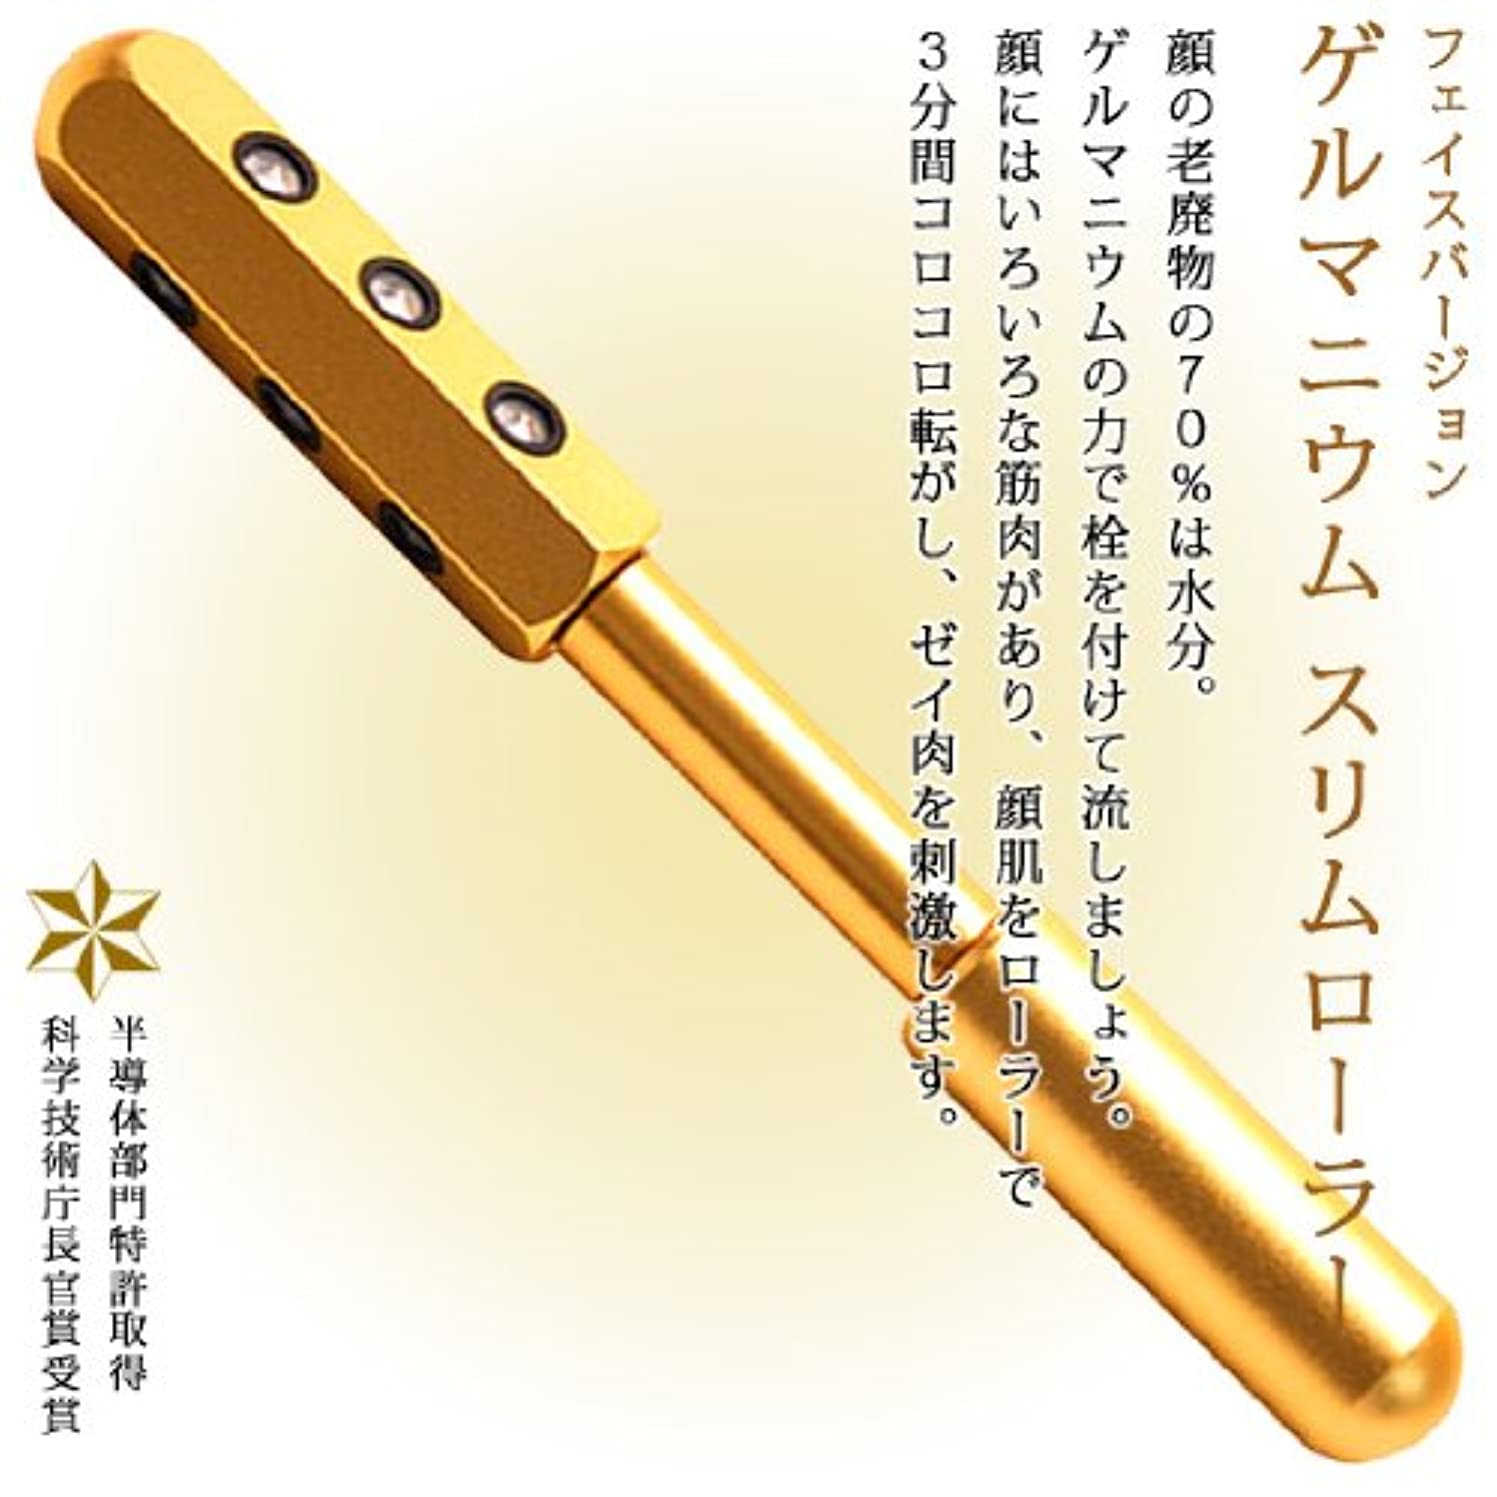 中古針セーターゲルマニウムスリムローラー フェイスバージョン 【ゴールド】